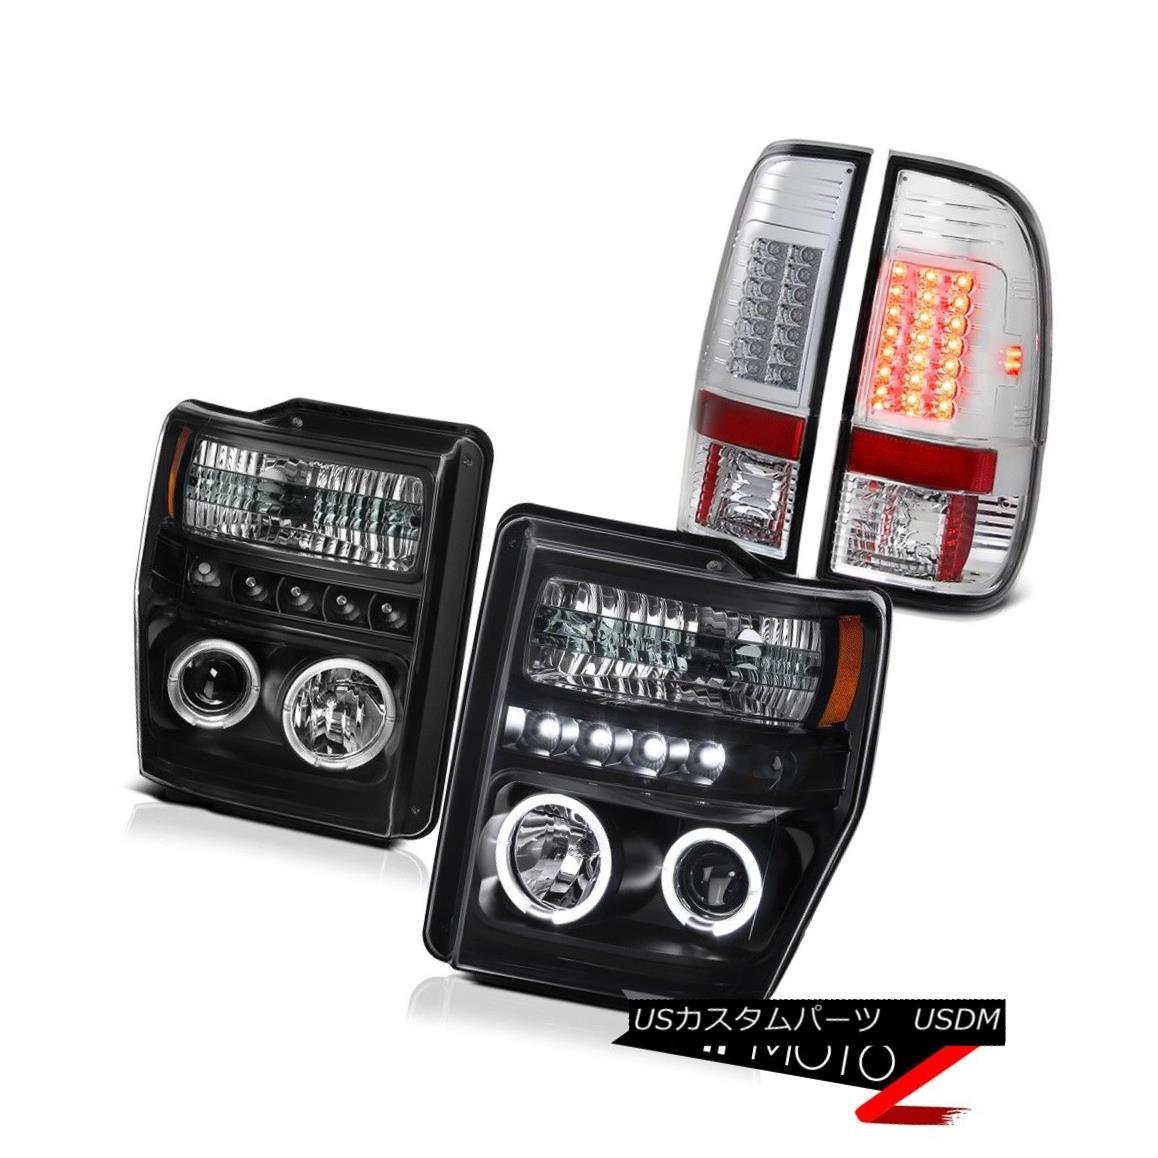 テールライト 2008-2010 Ford Superduty 6.8L XL Projector Black Headlight BRIGHT LED Tail Light 2008-2010フォードSuperduty 6.8L XLプロジェクターブラックヘッドライトBRIGHT LEDテールライト